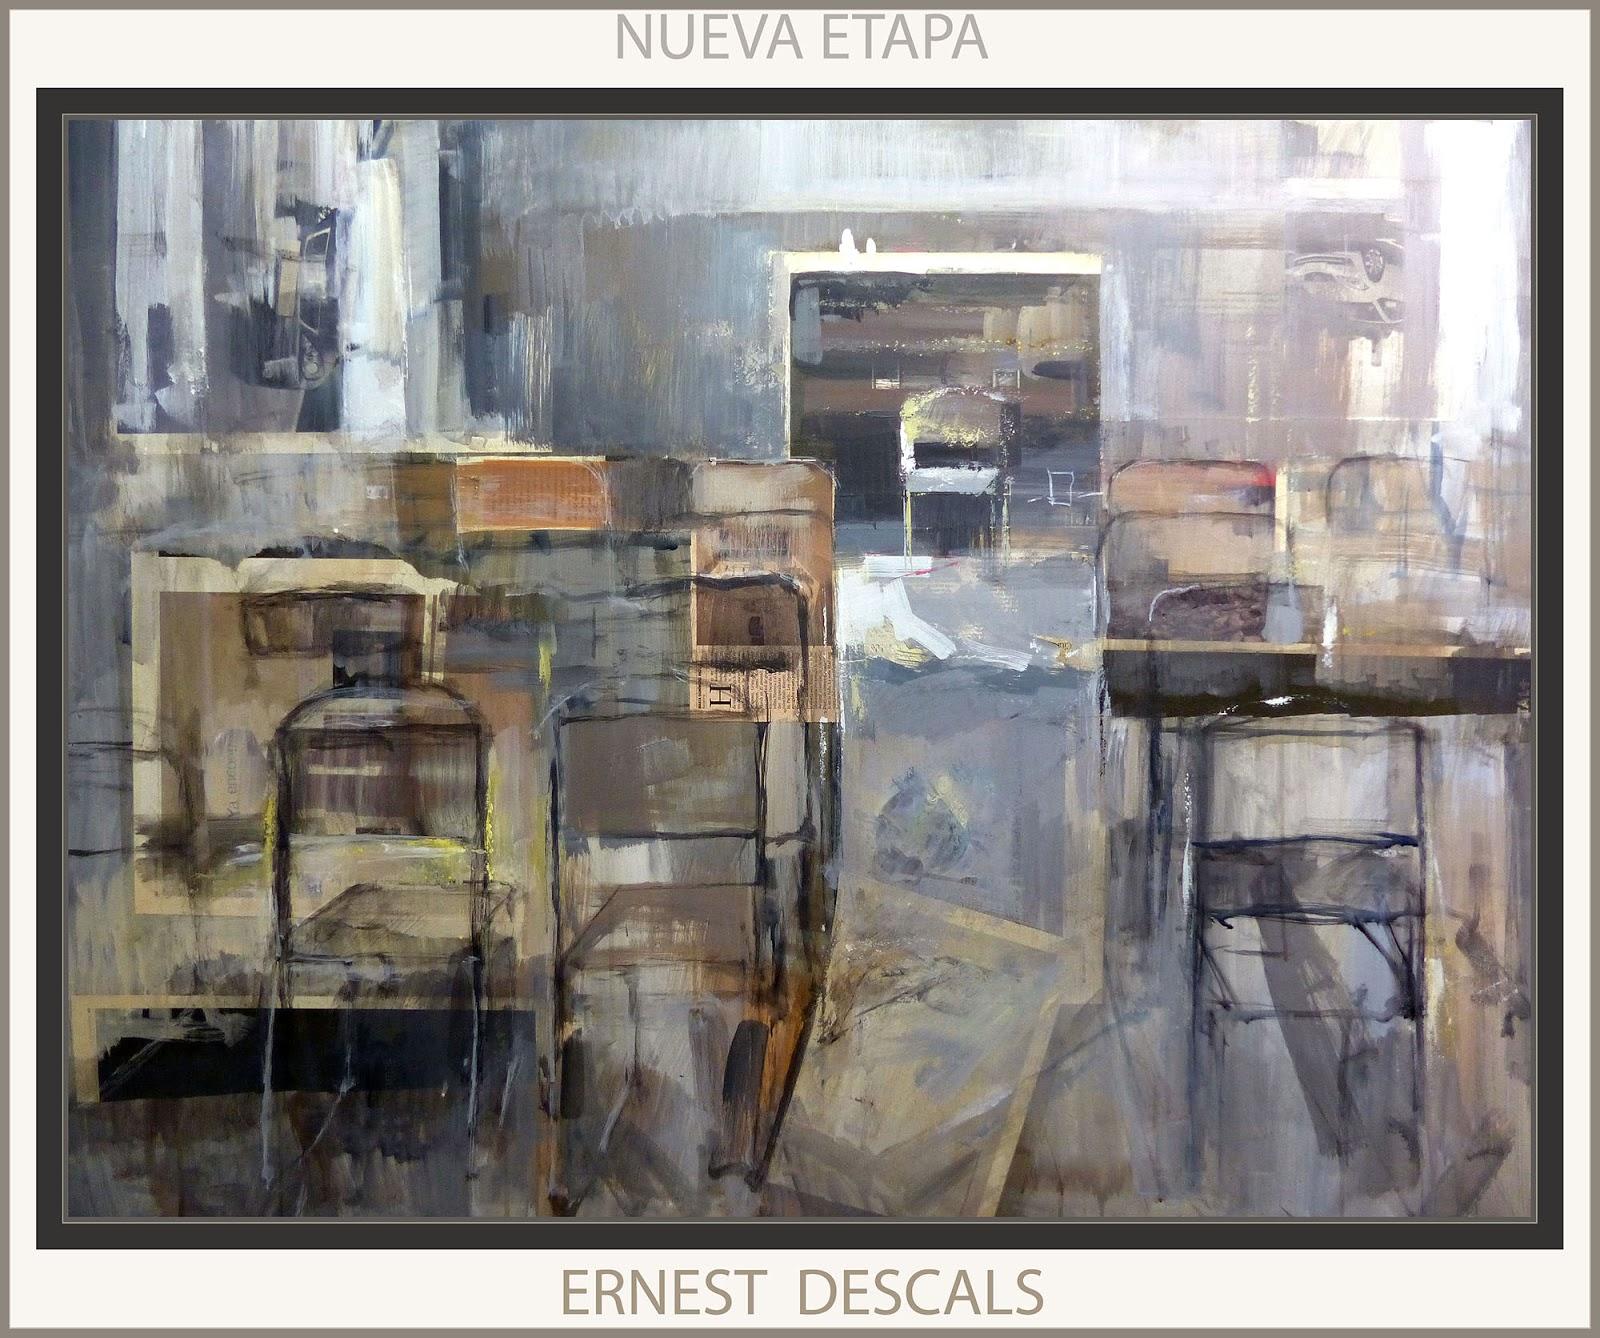 Ernest descals artista pintor pinturas artista pintor - Cuadros gran formato ...